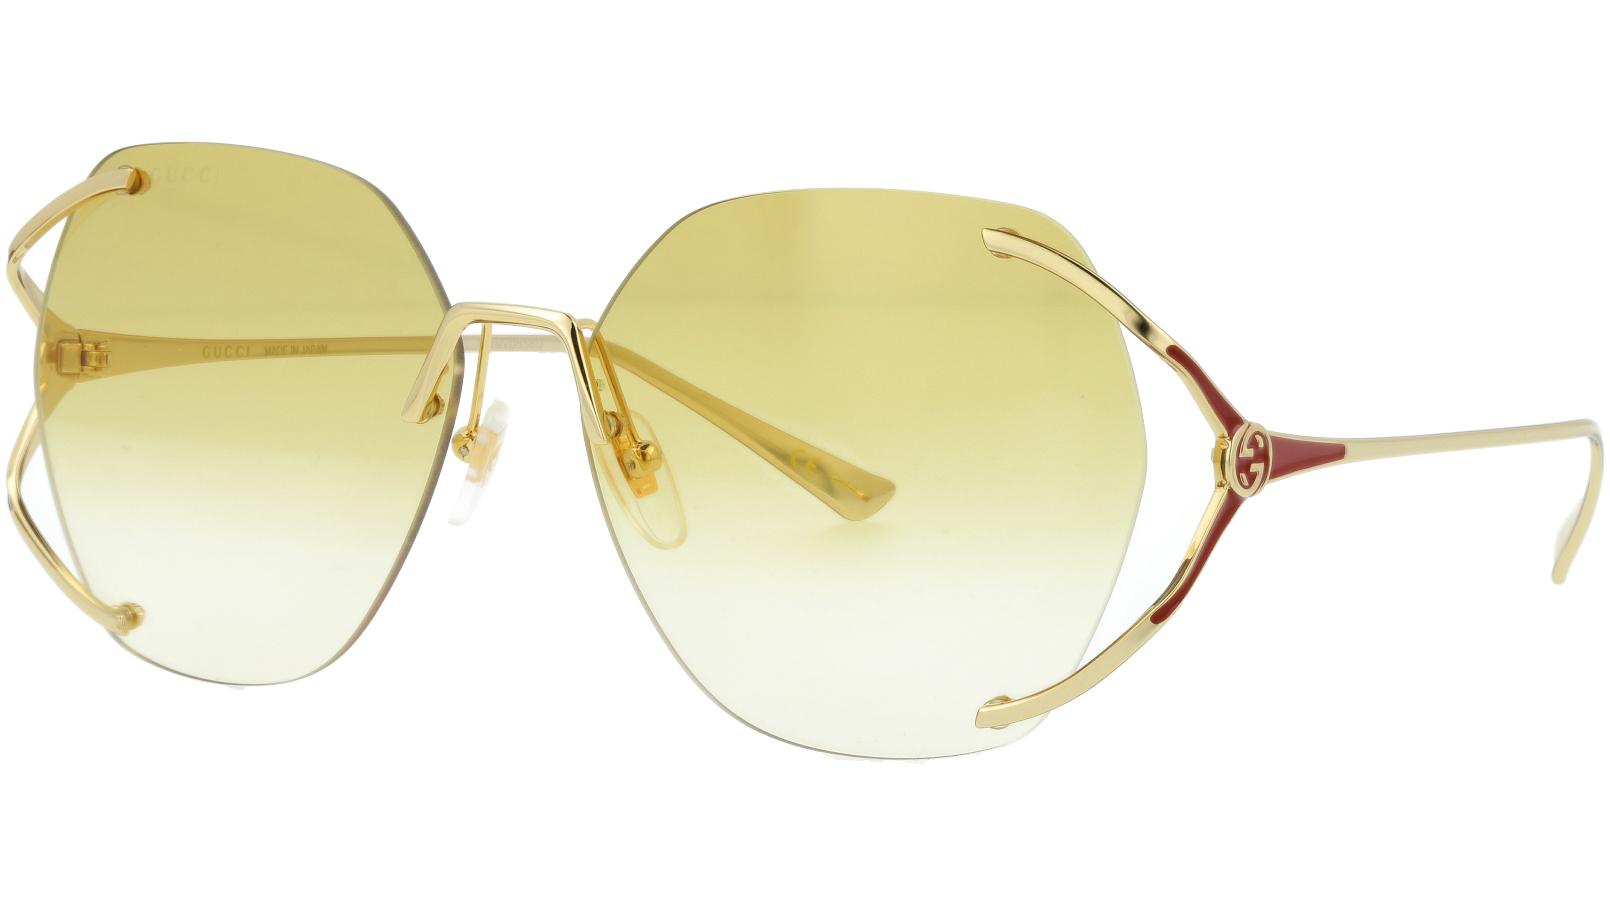 Gucci GG0651S 005 59 Gold Oval Sunglasses